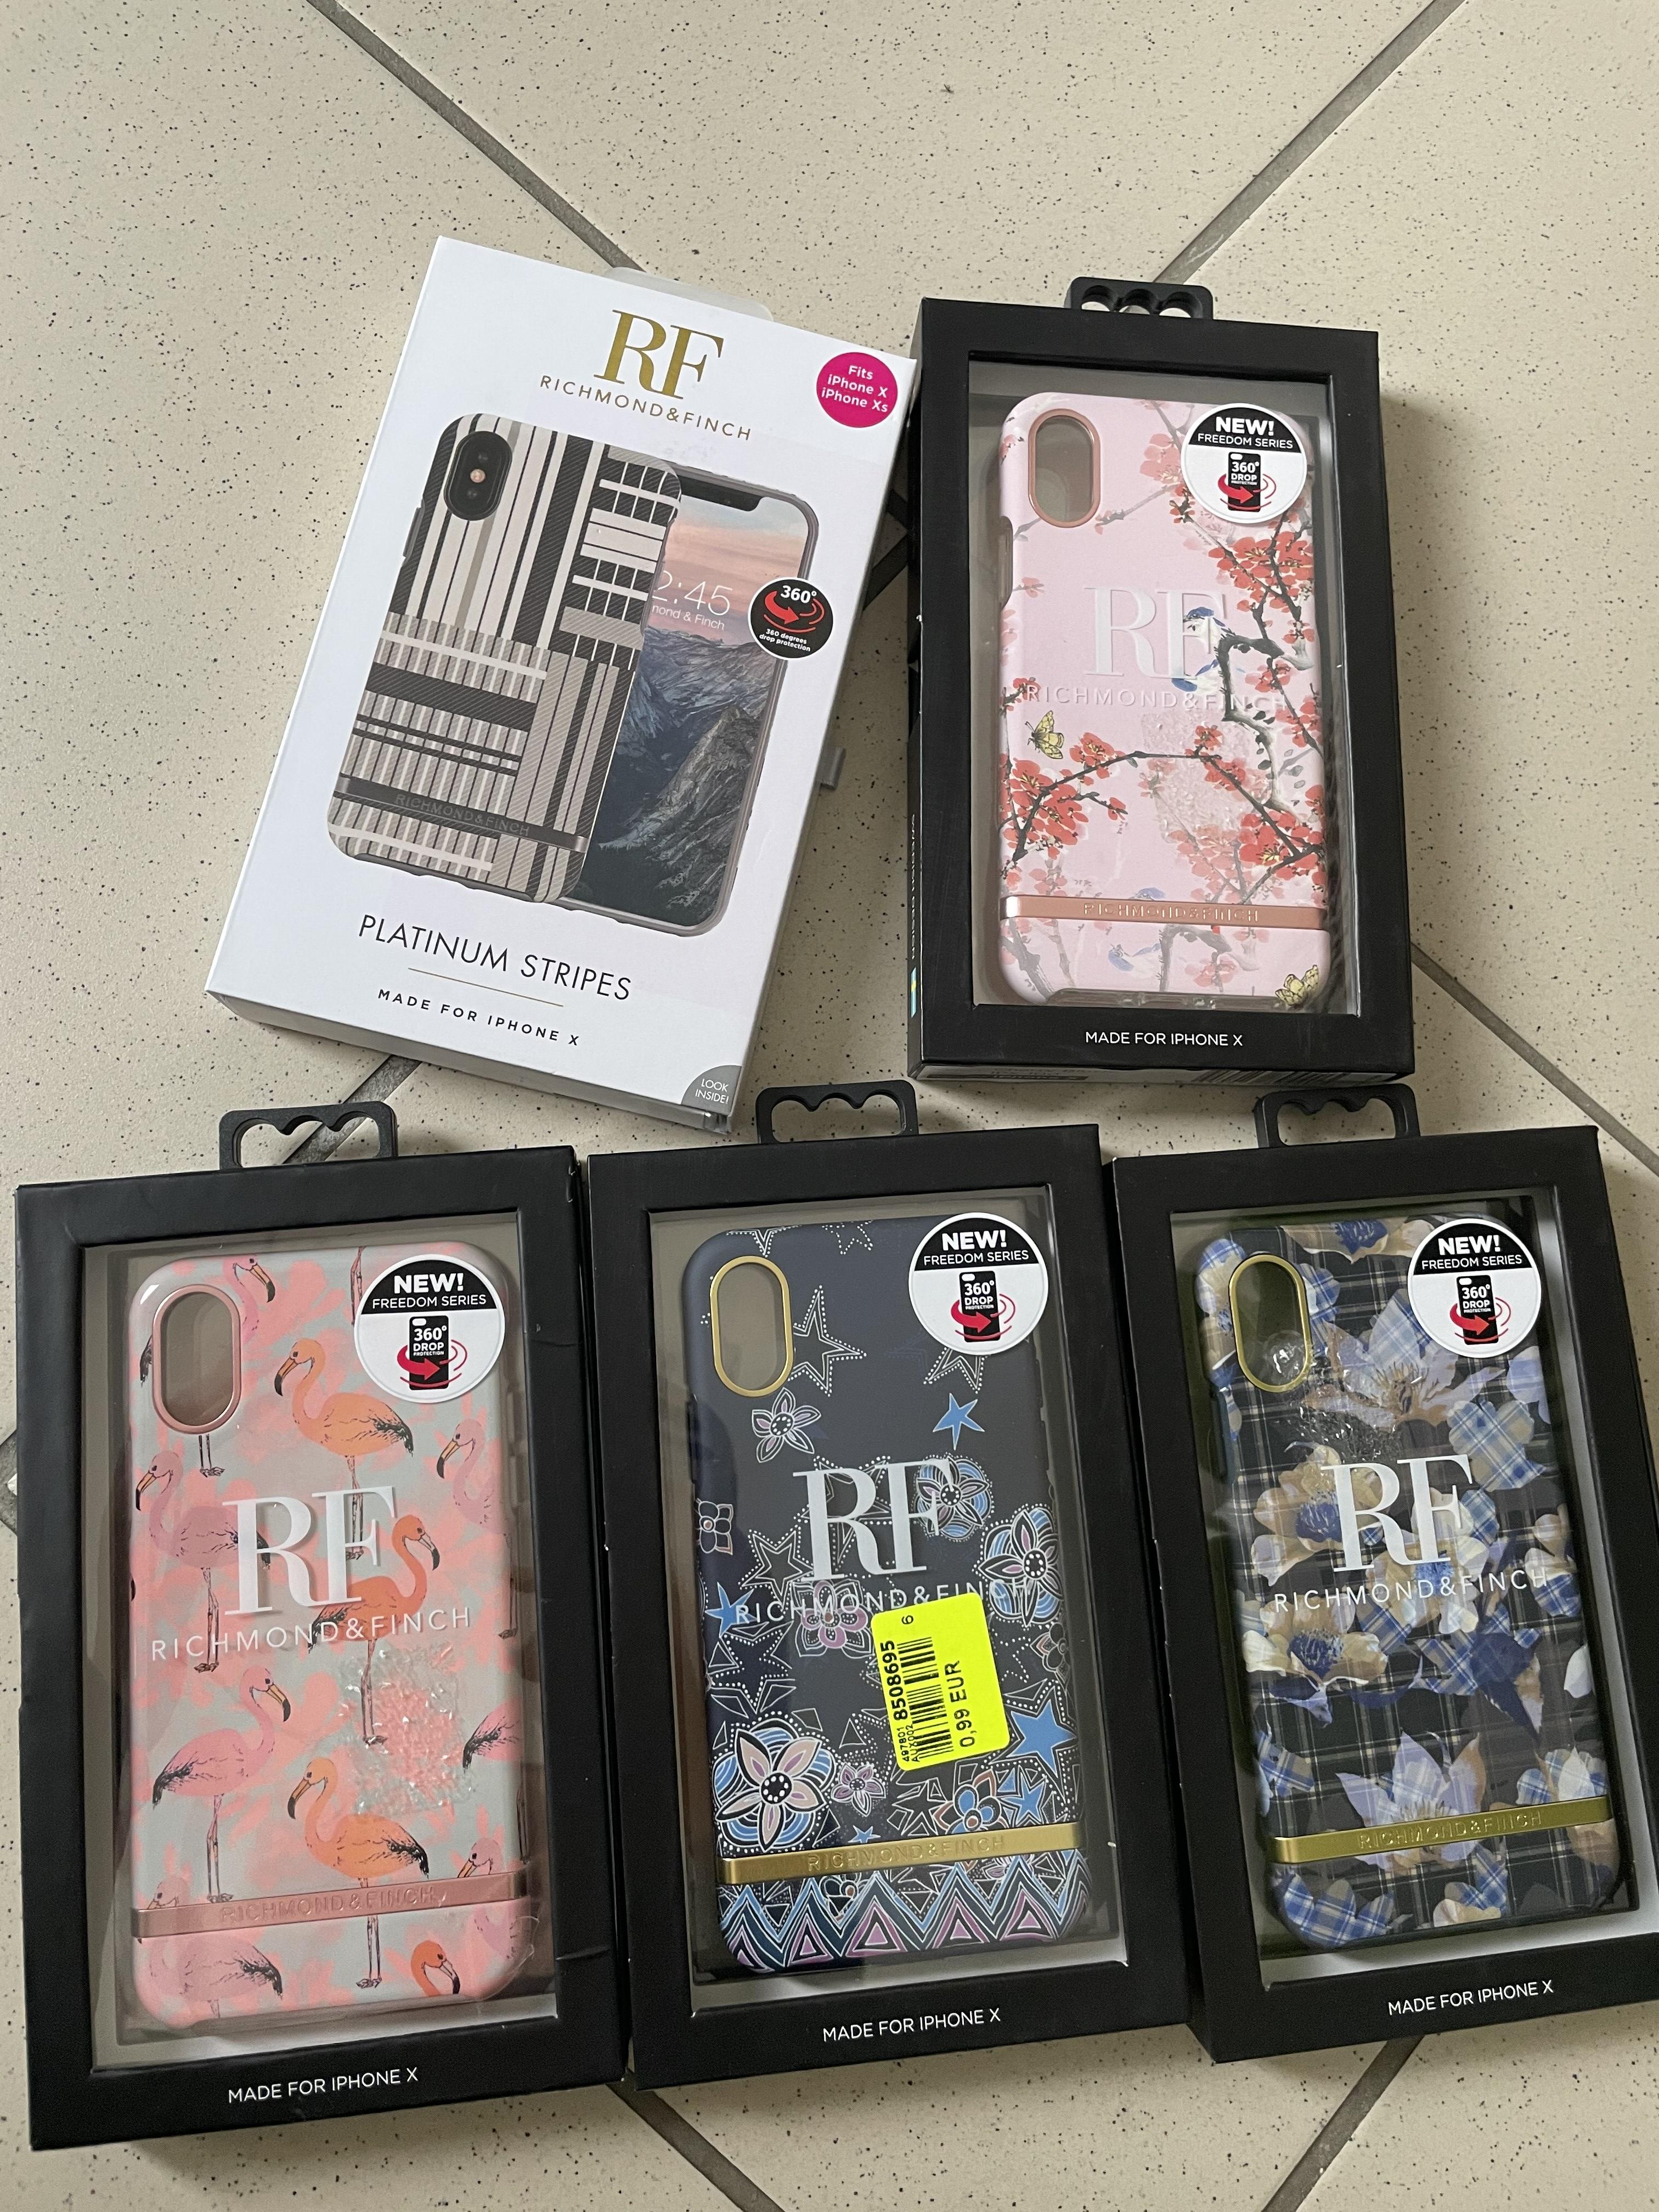 Sélection de coques pour iPhone Richmond & Finch en promotion - Ex: Coque pour iPhone X - Malauzat (63)